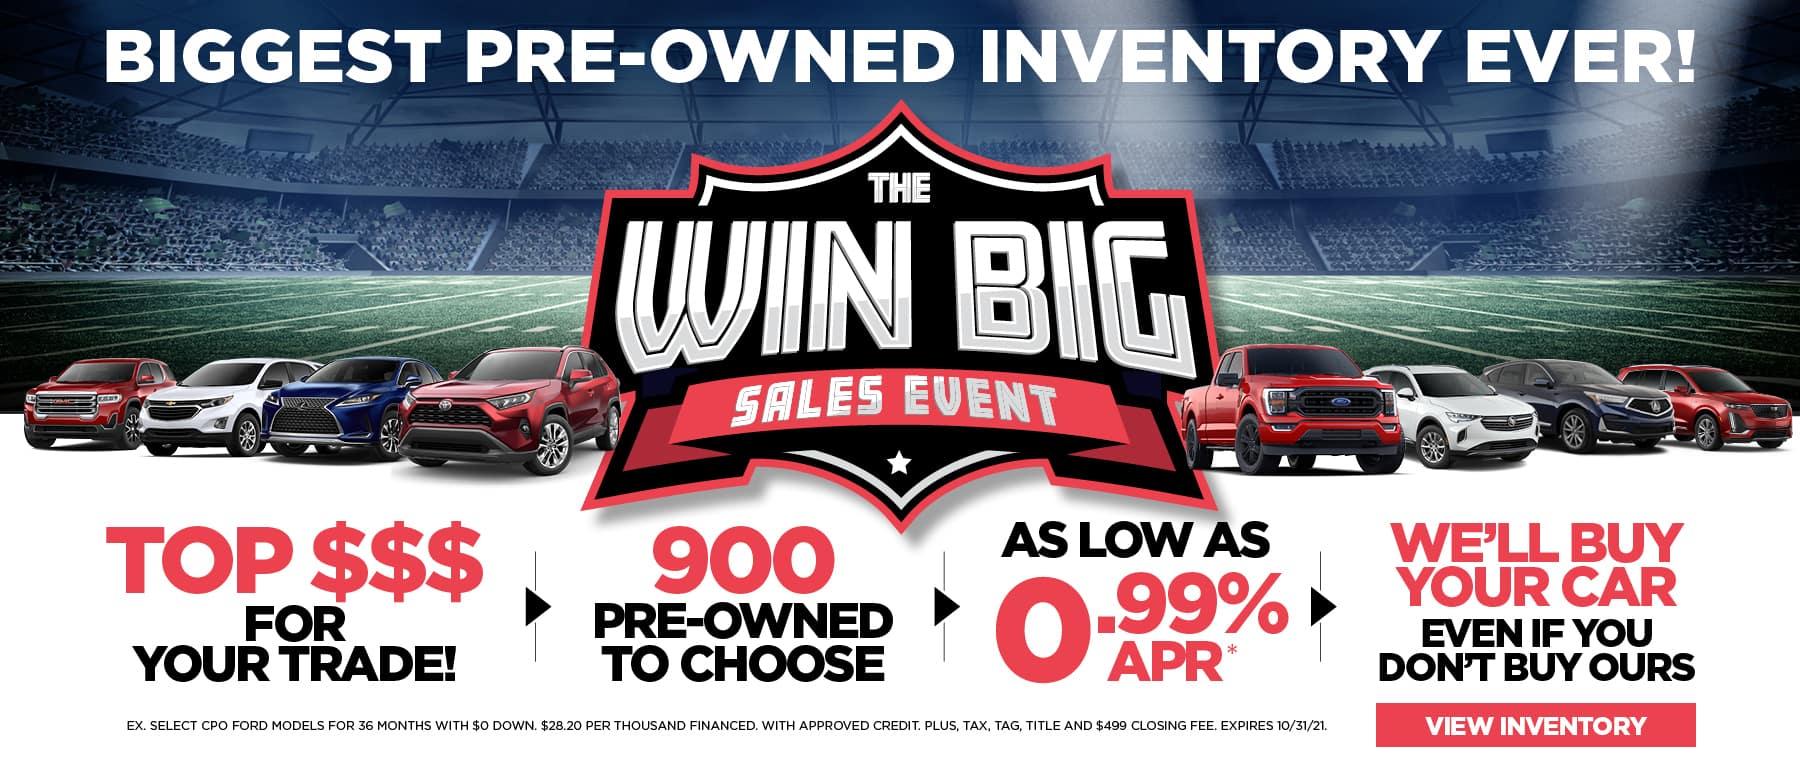 Win Big Sales Event